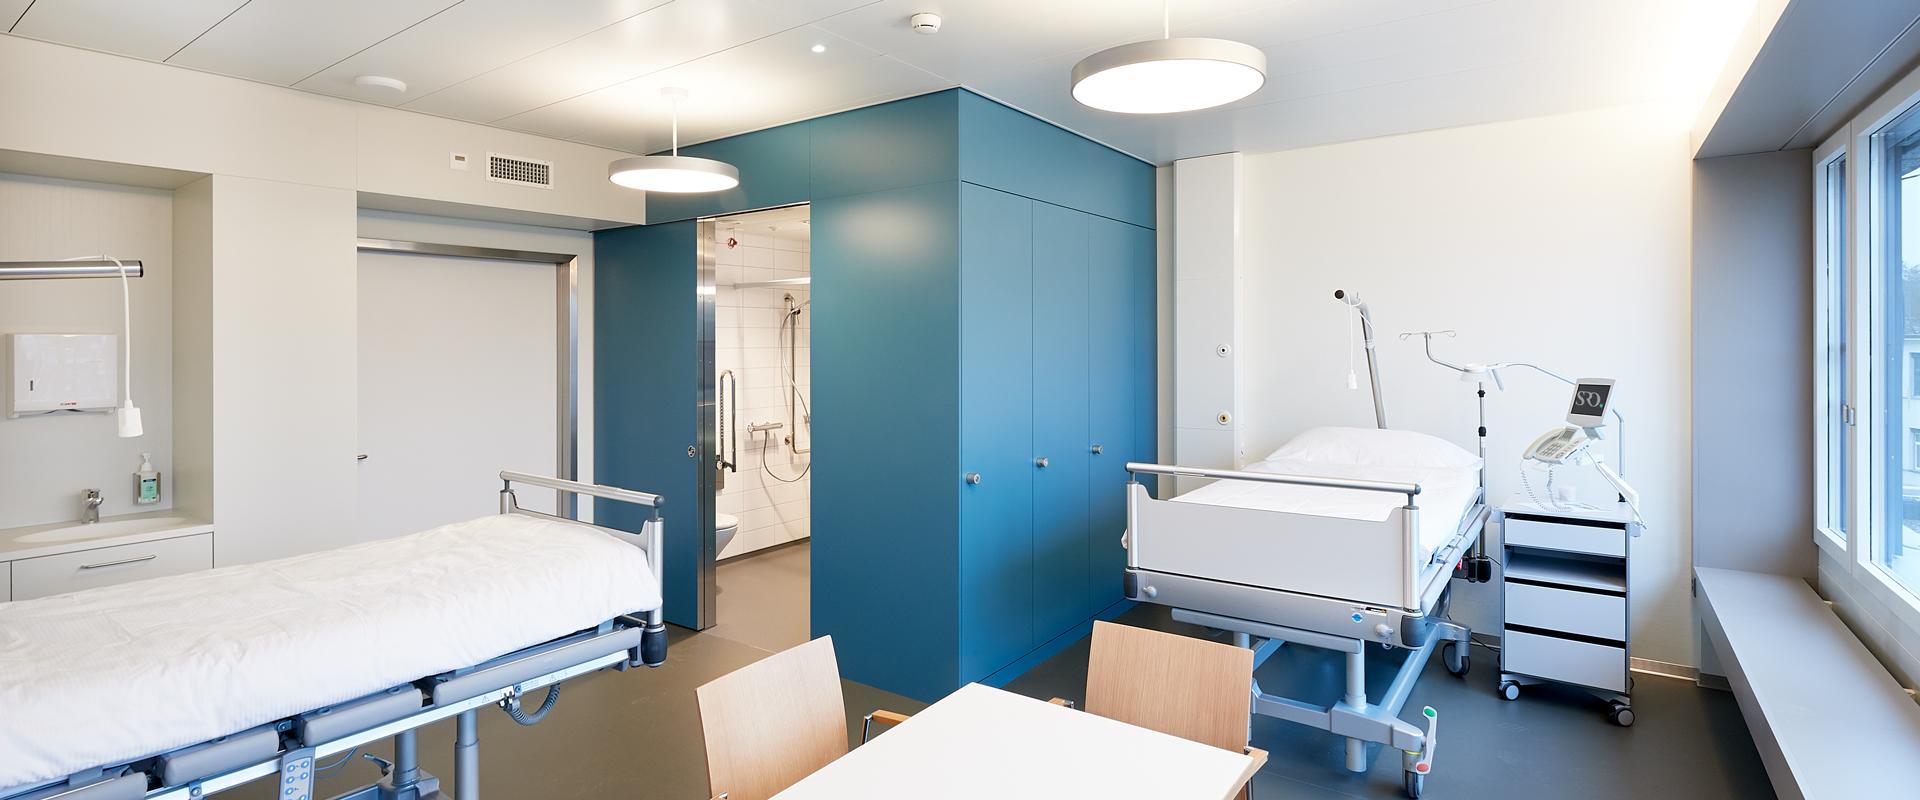 Neues Patientenzimmer ab Herbst 2018